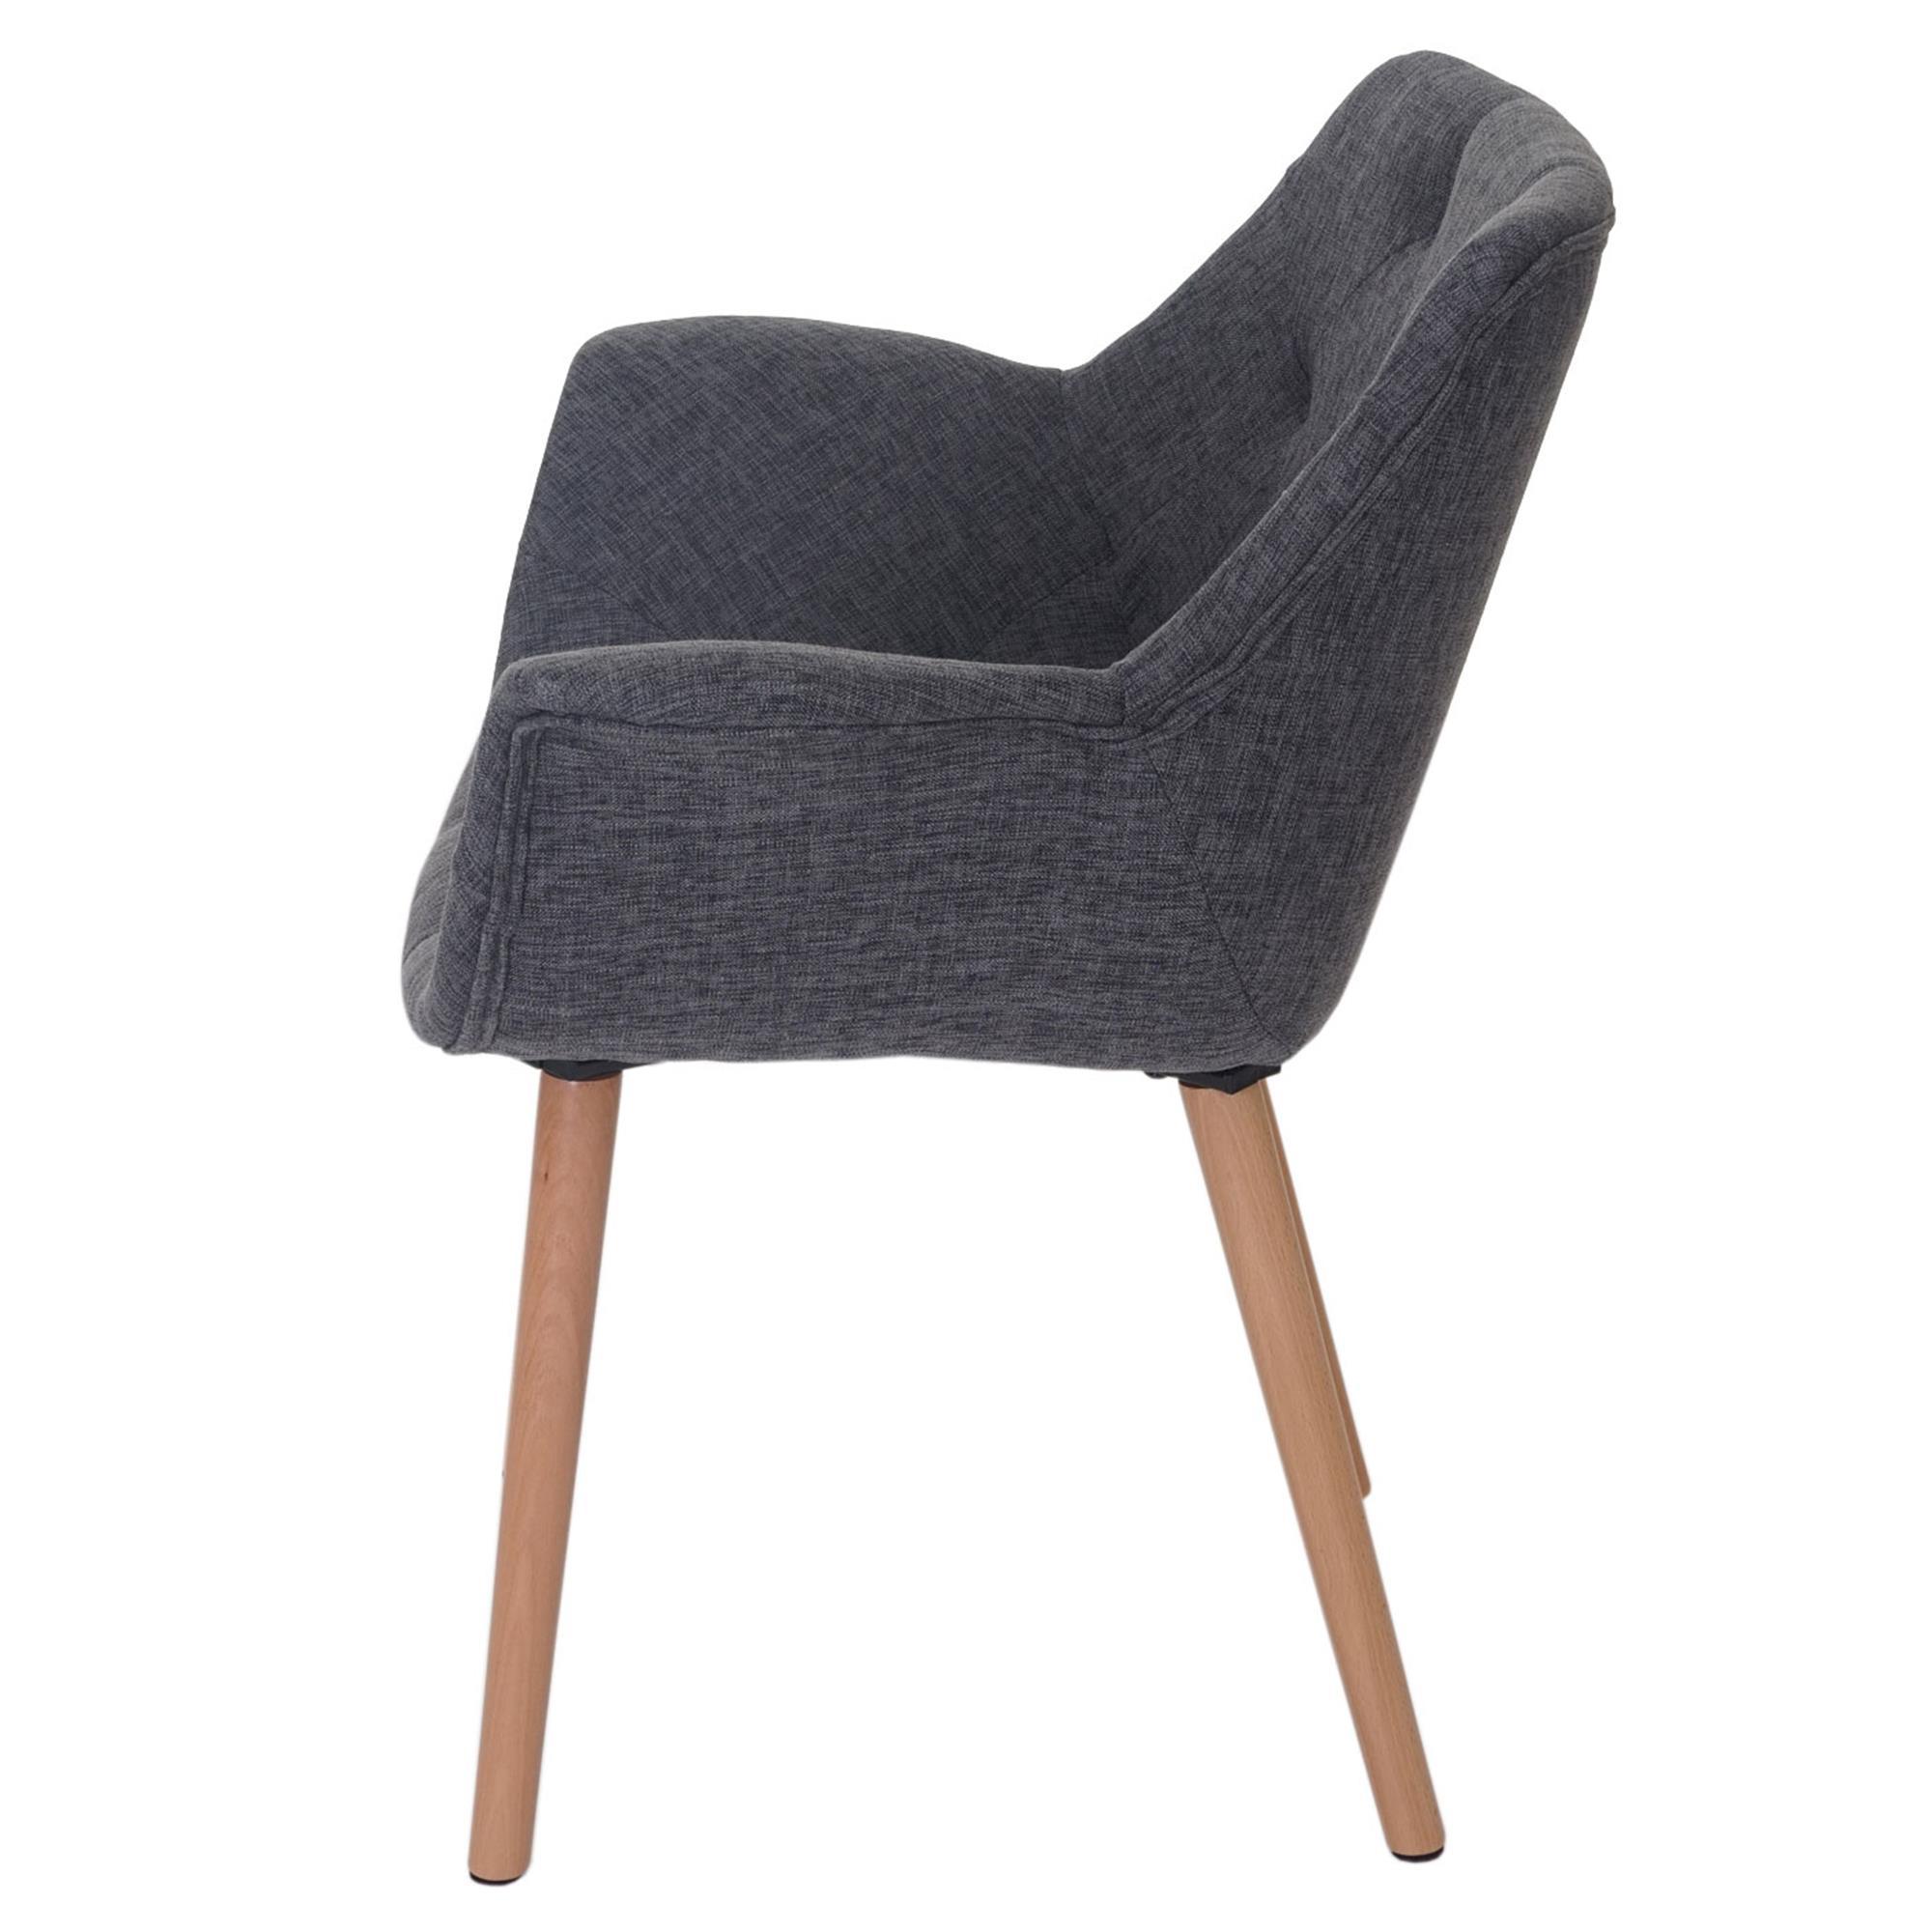 Lote 4 sillas de comedor alber tela estilo retro en gris - Tela para sillas de comedor ...